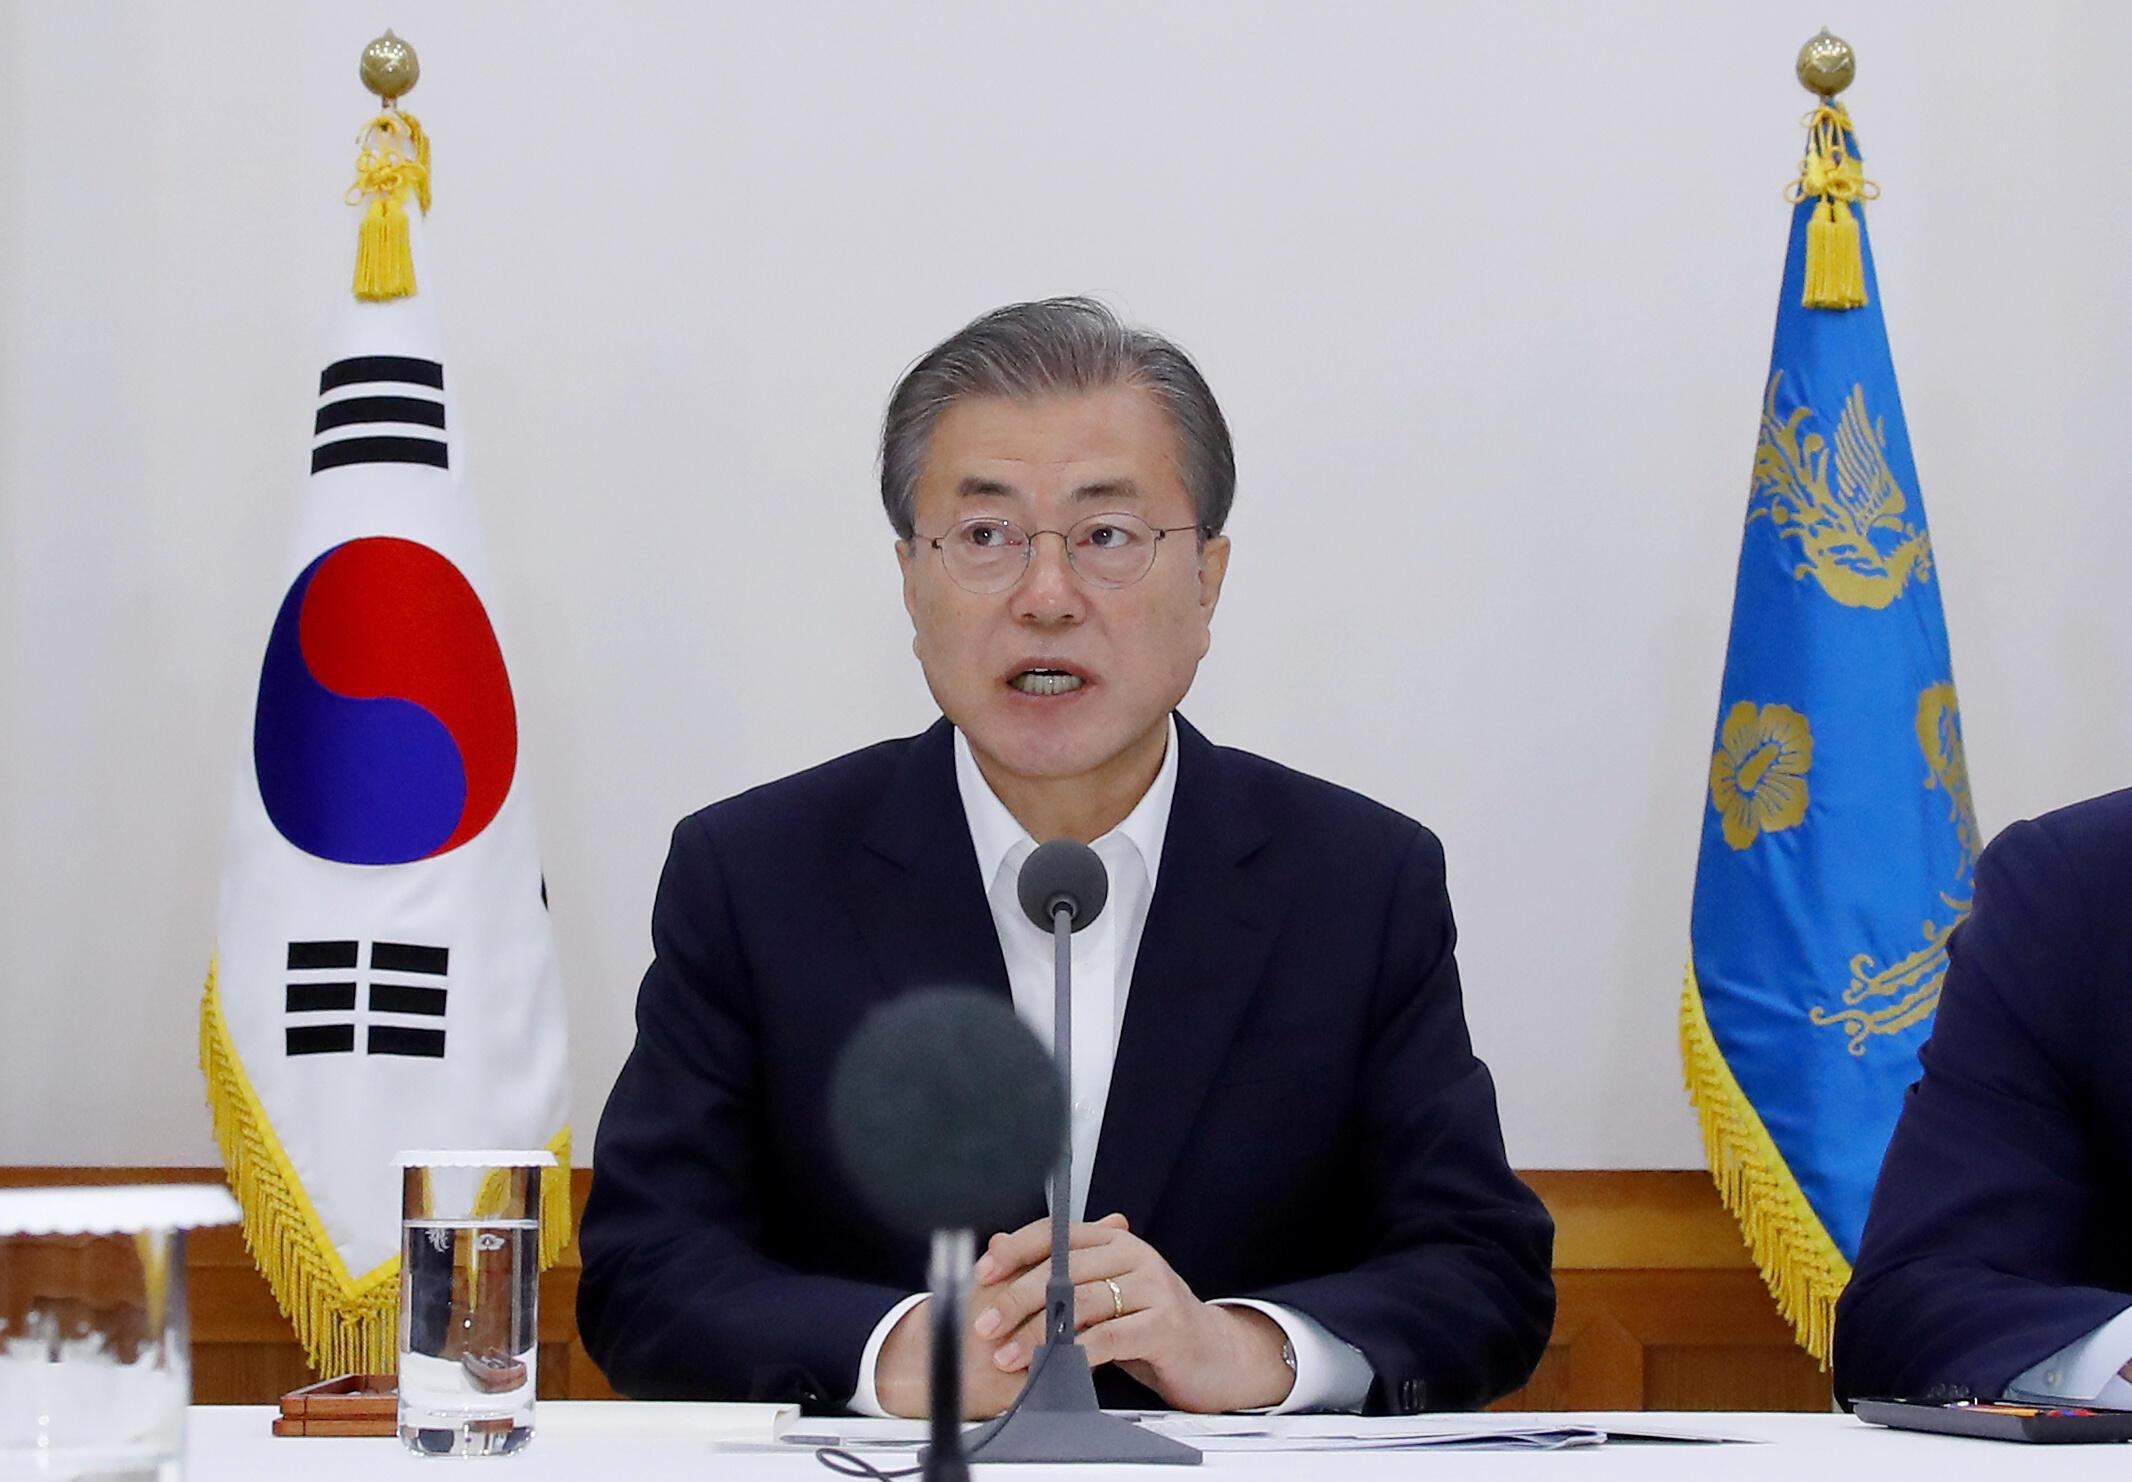 韓國總統文在寅在30大企業集團高管會議上發表講話 2019年è月10